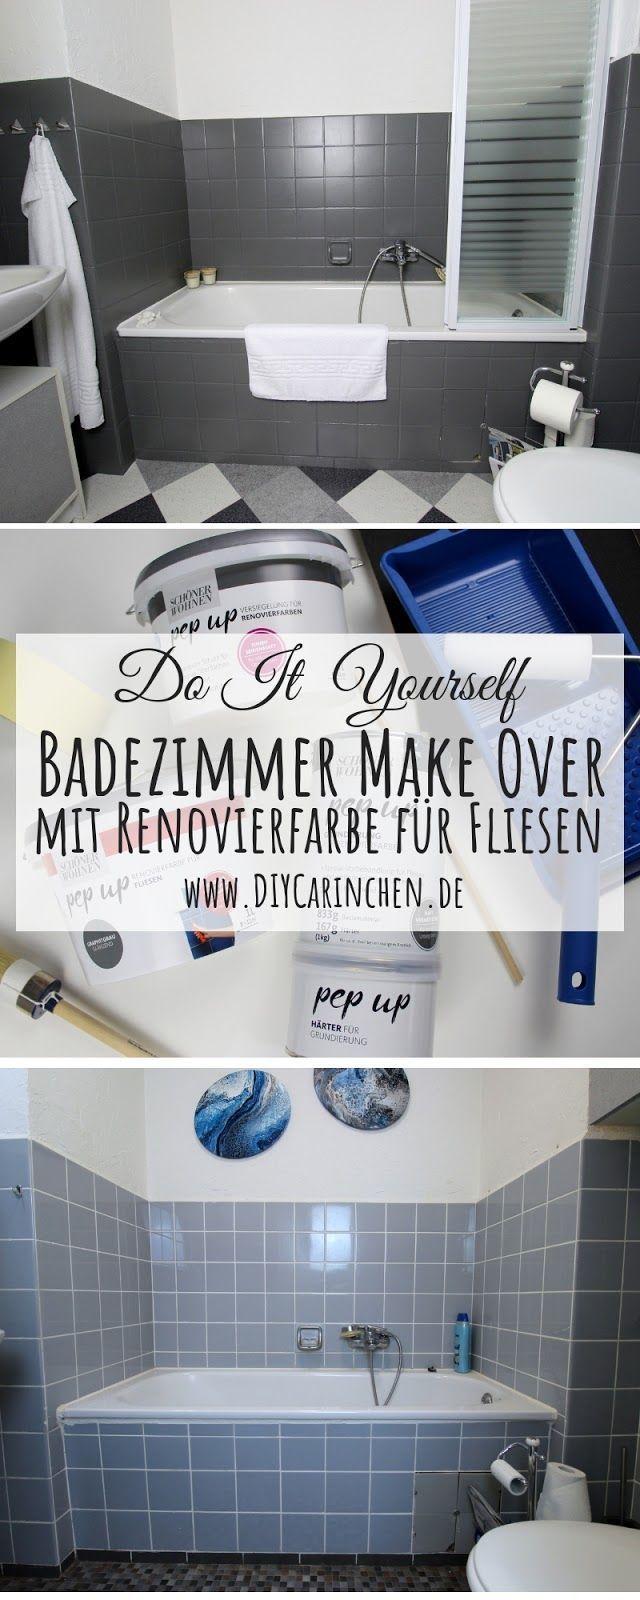 Anzeige Diy Diy Badezimmer Make Over Einfaches Recylcing Mit